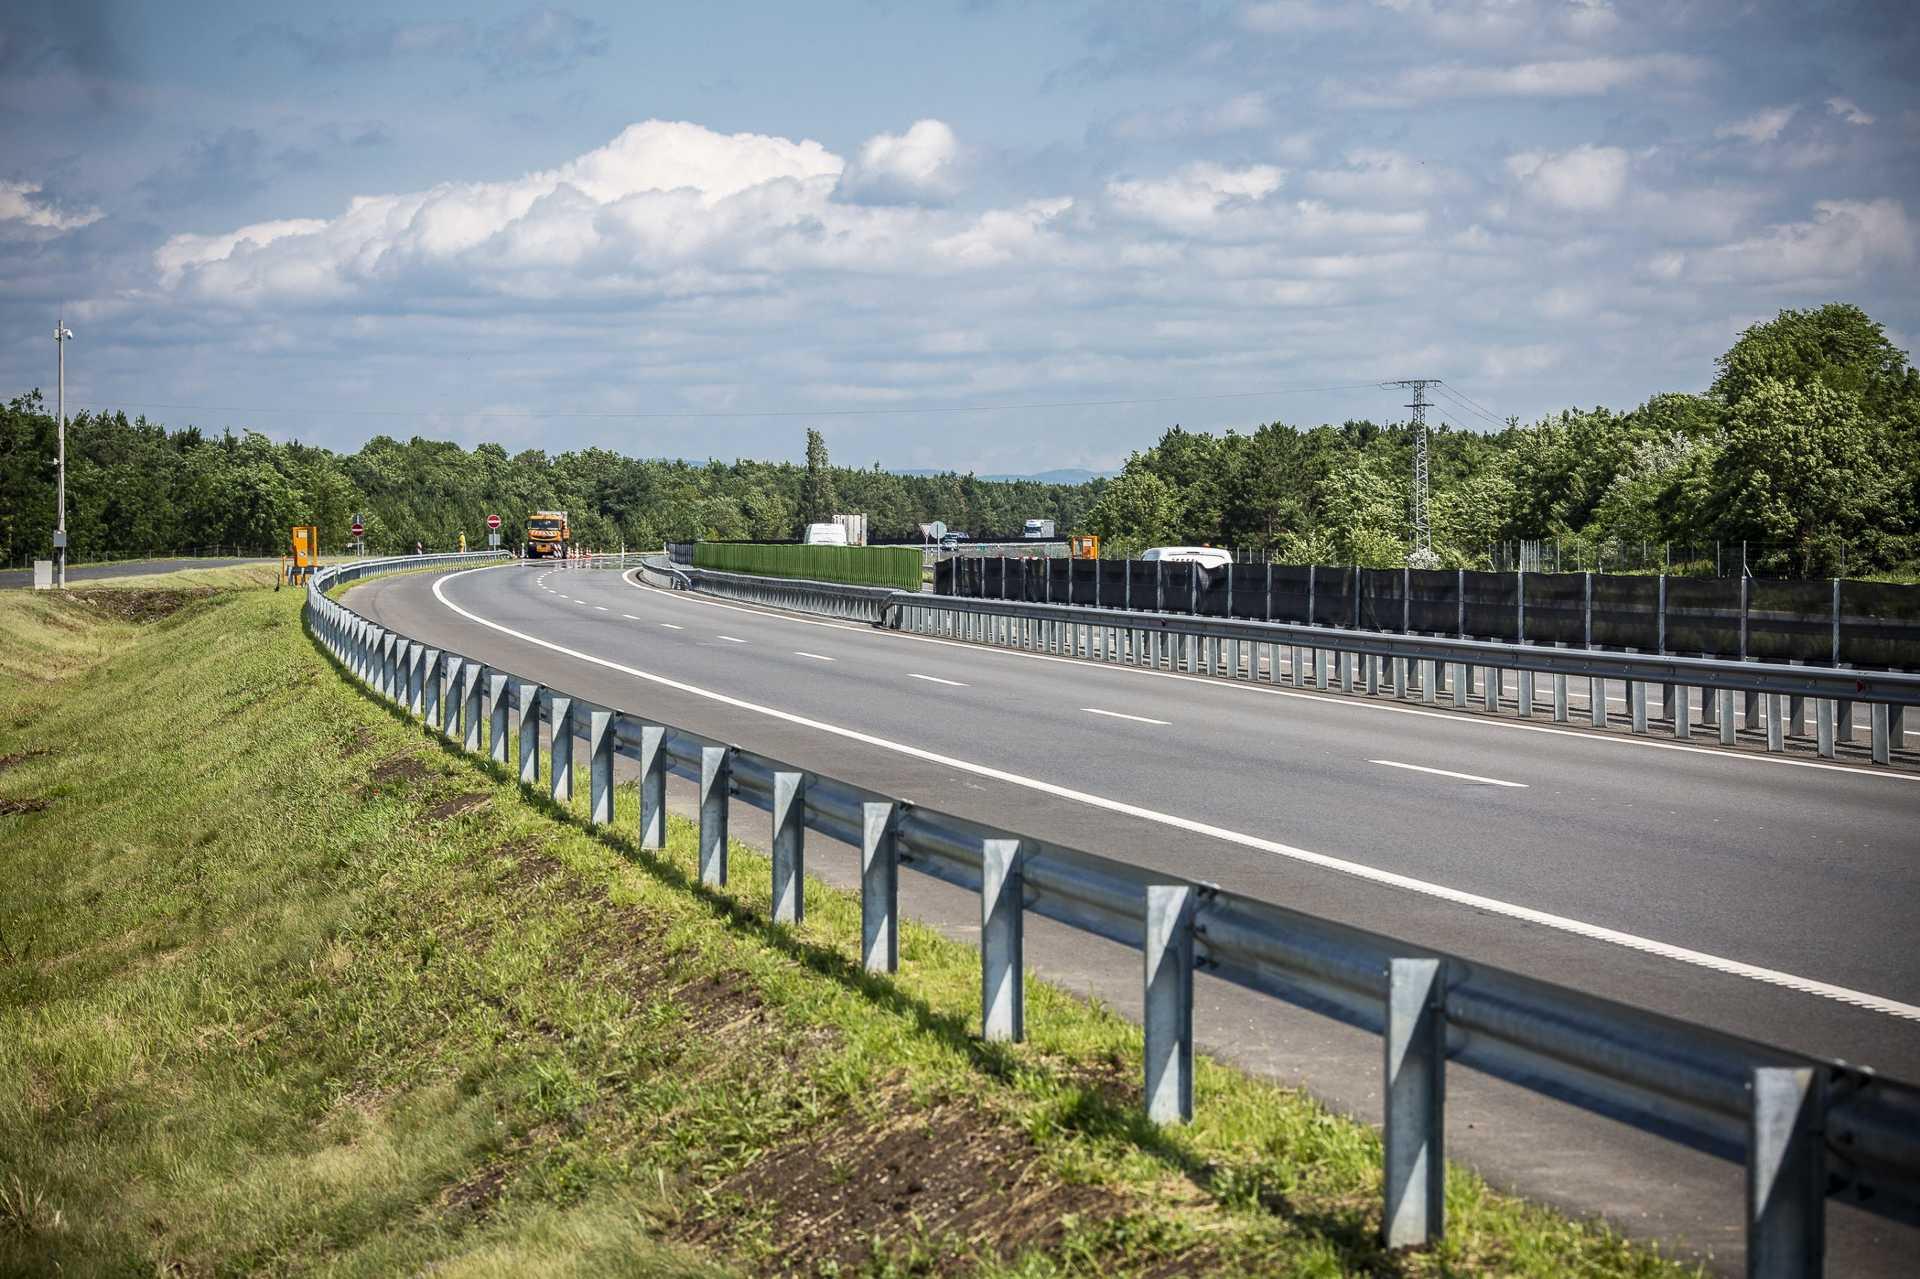 Elkészült az M15 autópálya Rajka-országhatár közötti szakasza